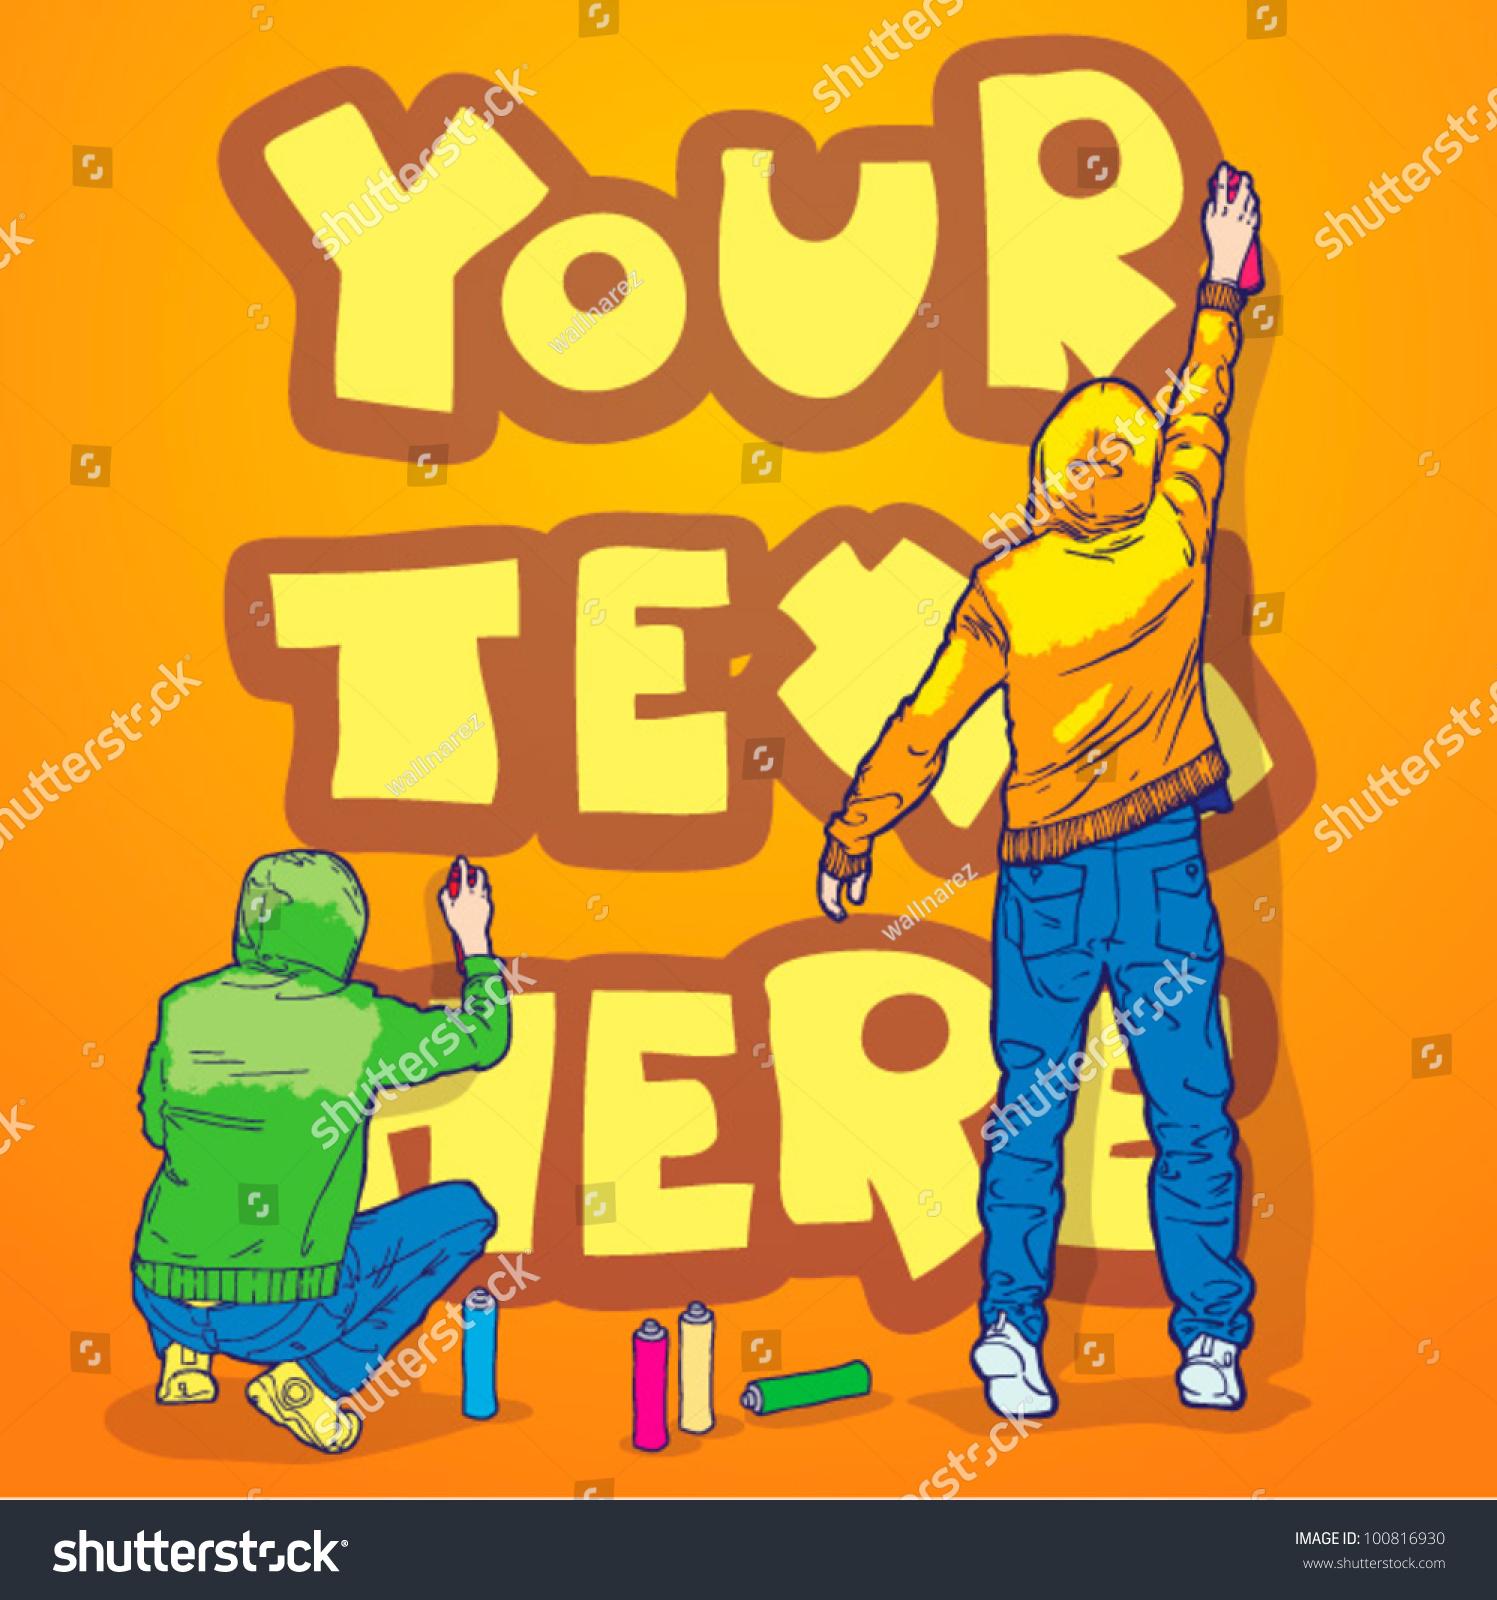 Your Text Written On Wall Graffiti Stock Vector 100816930 - Shutterstock